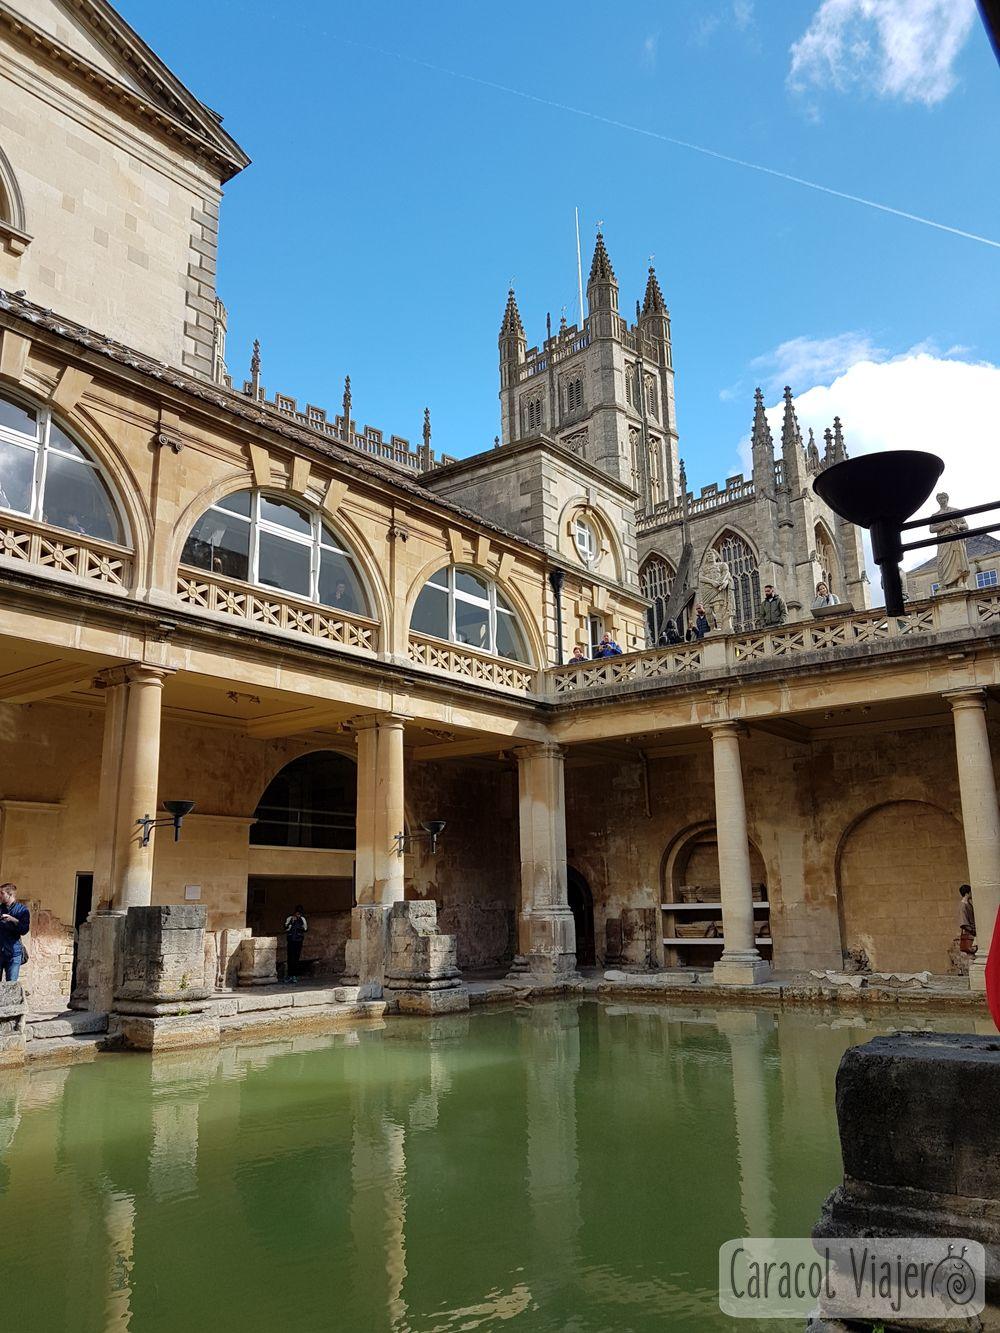 Qué hacer en Bath: visitar las termas romanas